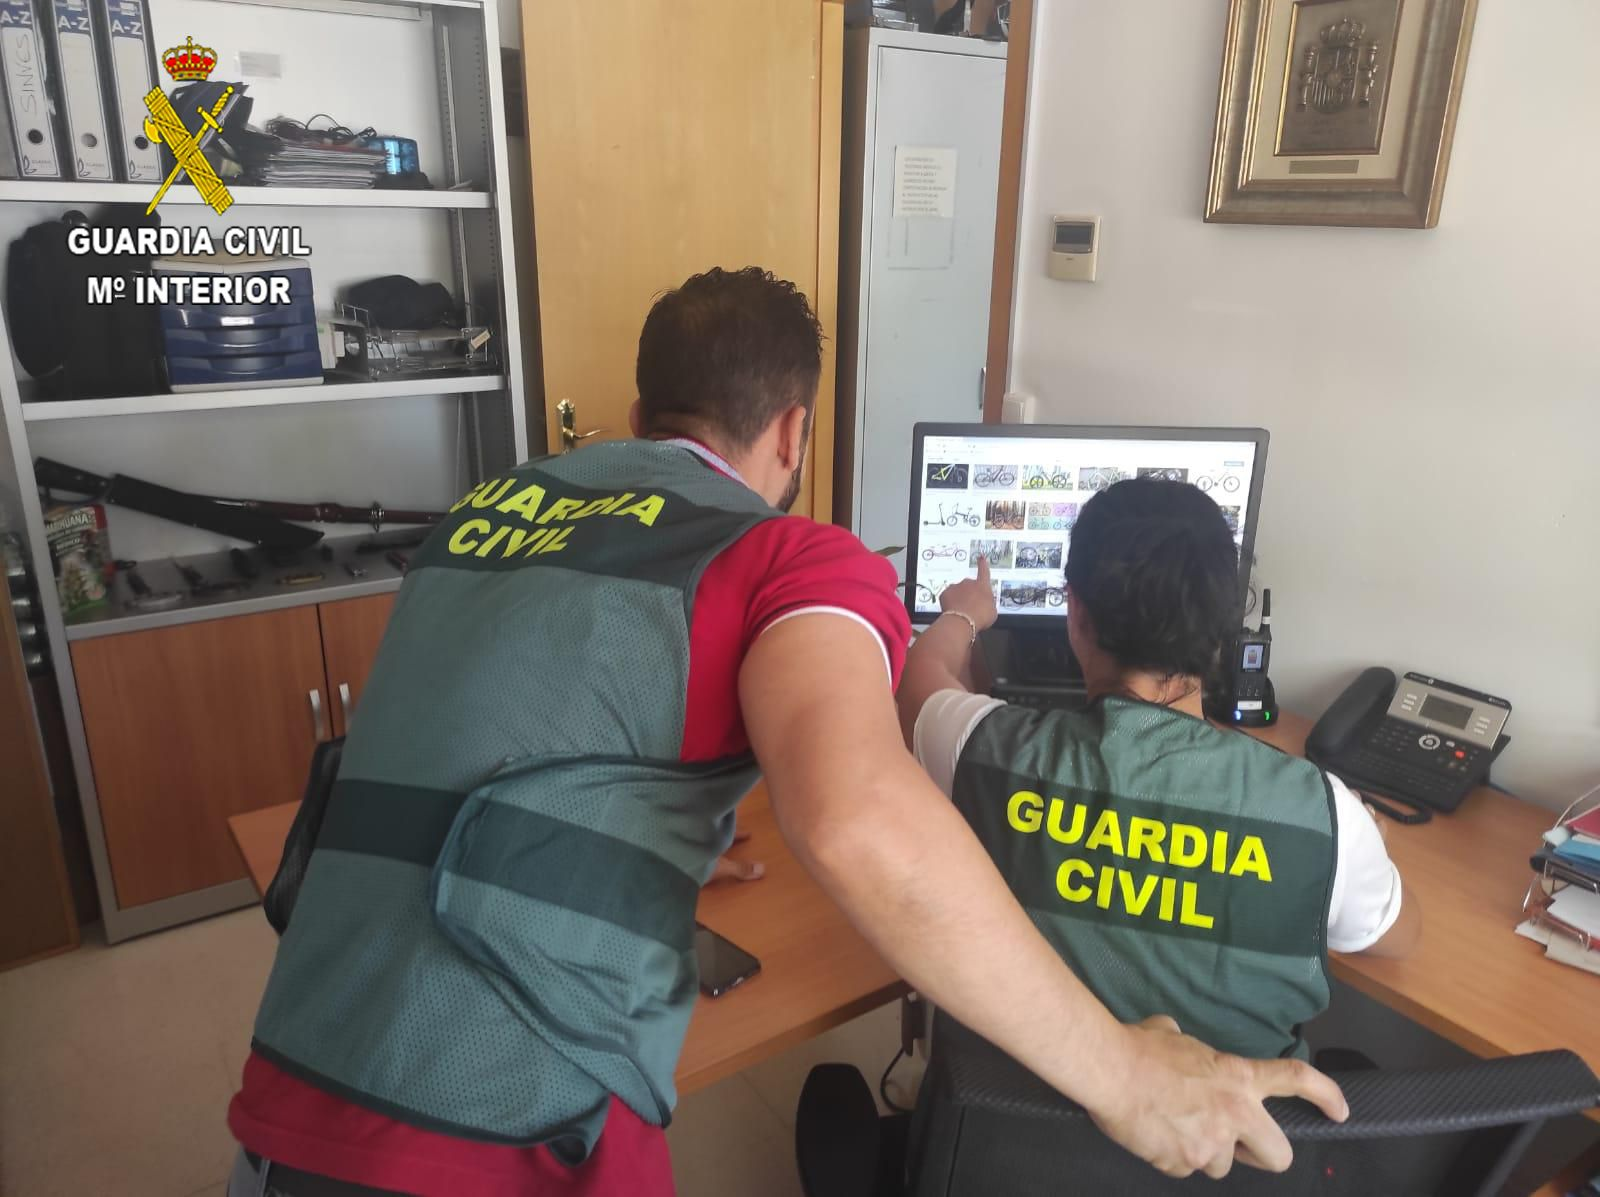 La Guardia Civil detiene a una persona por robo en Azuqueca de Henares